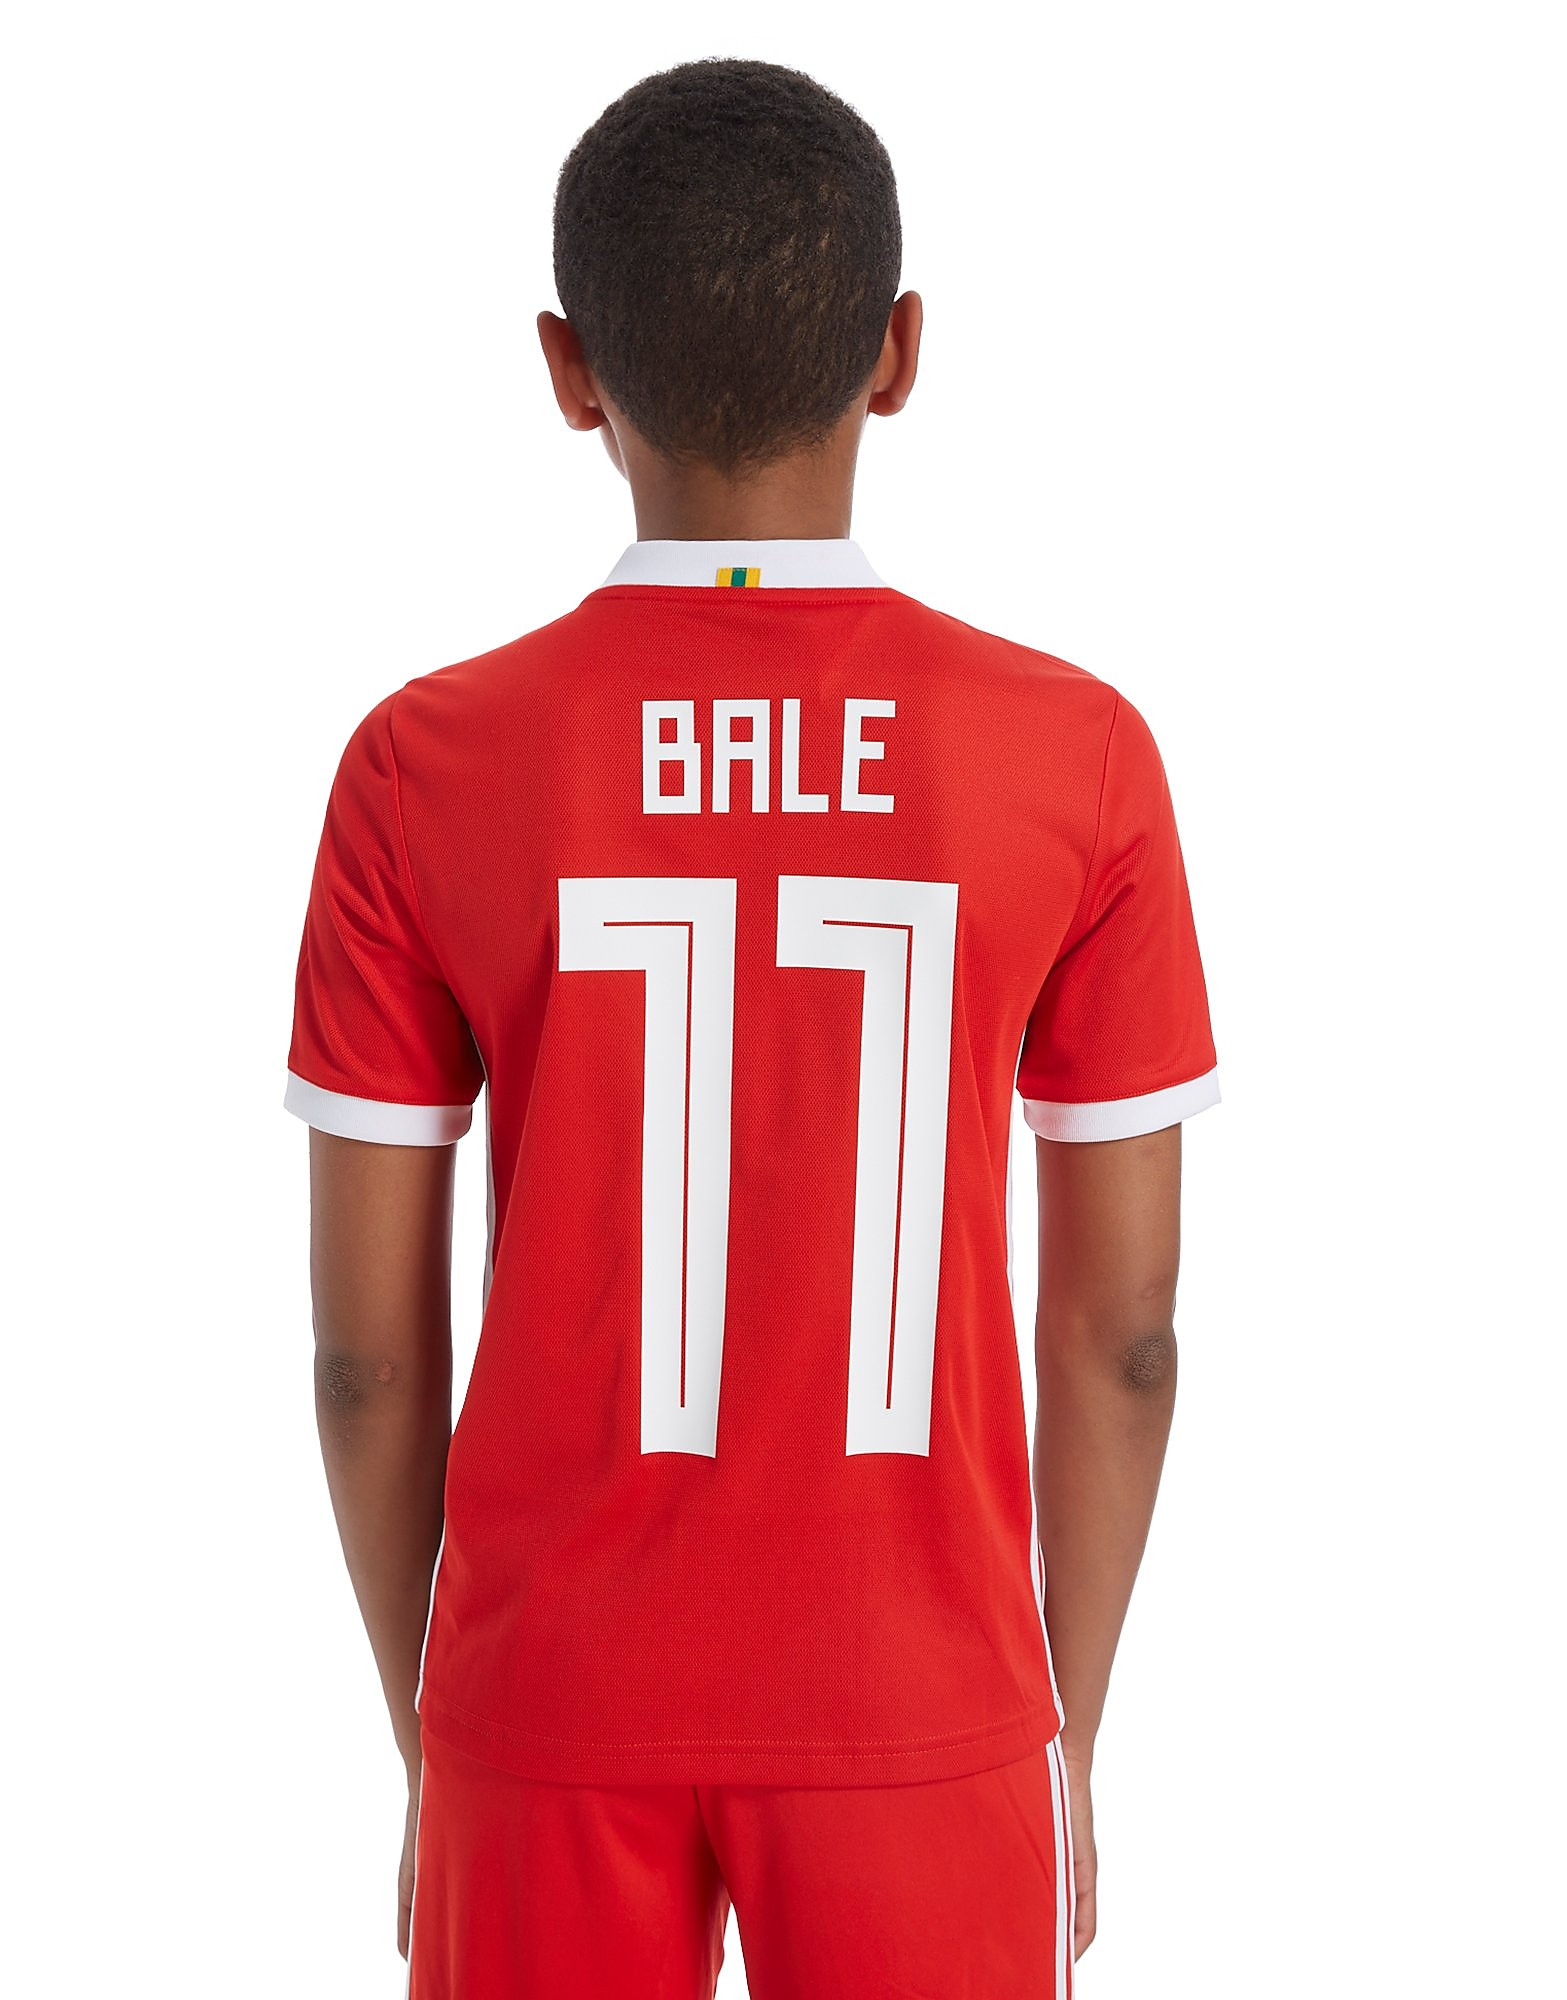 adidas camiseta 1.ª equipación Gales 2018 Bale #11 júnior